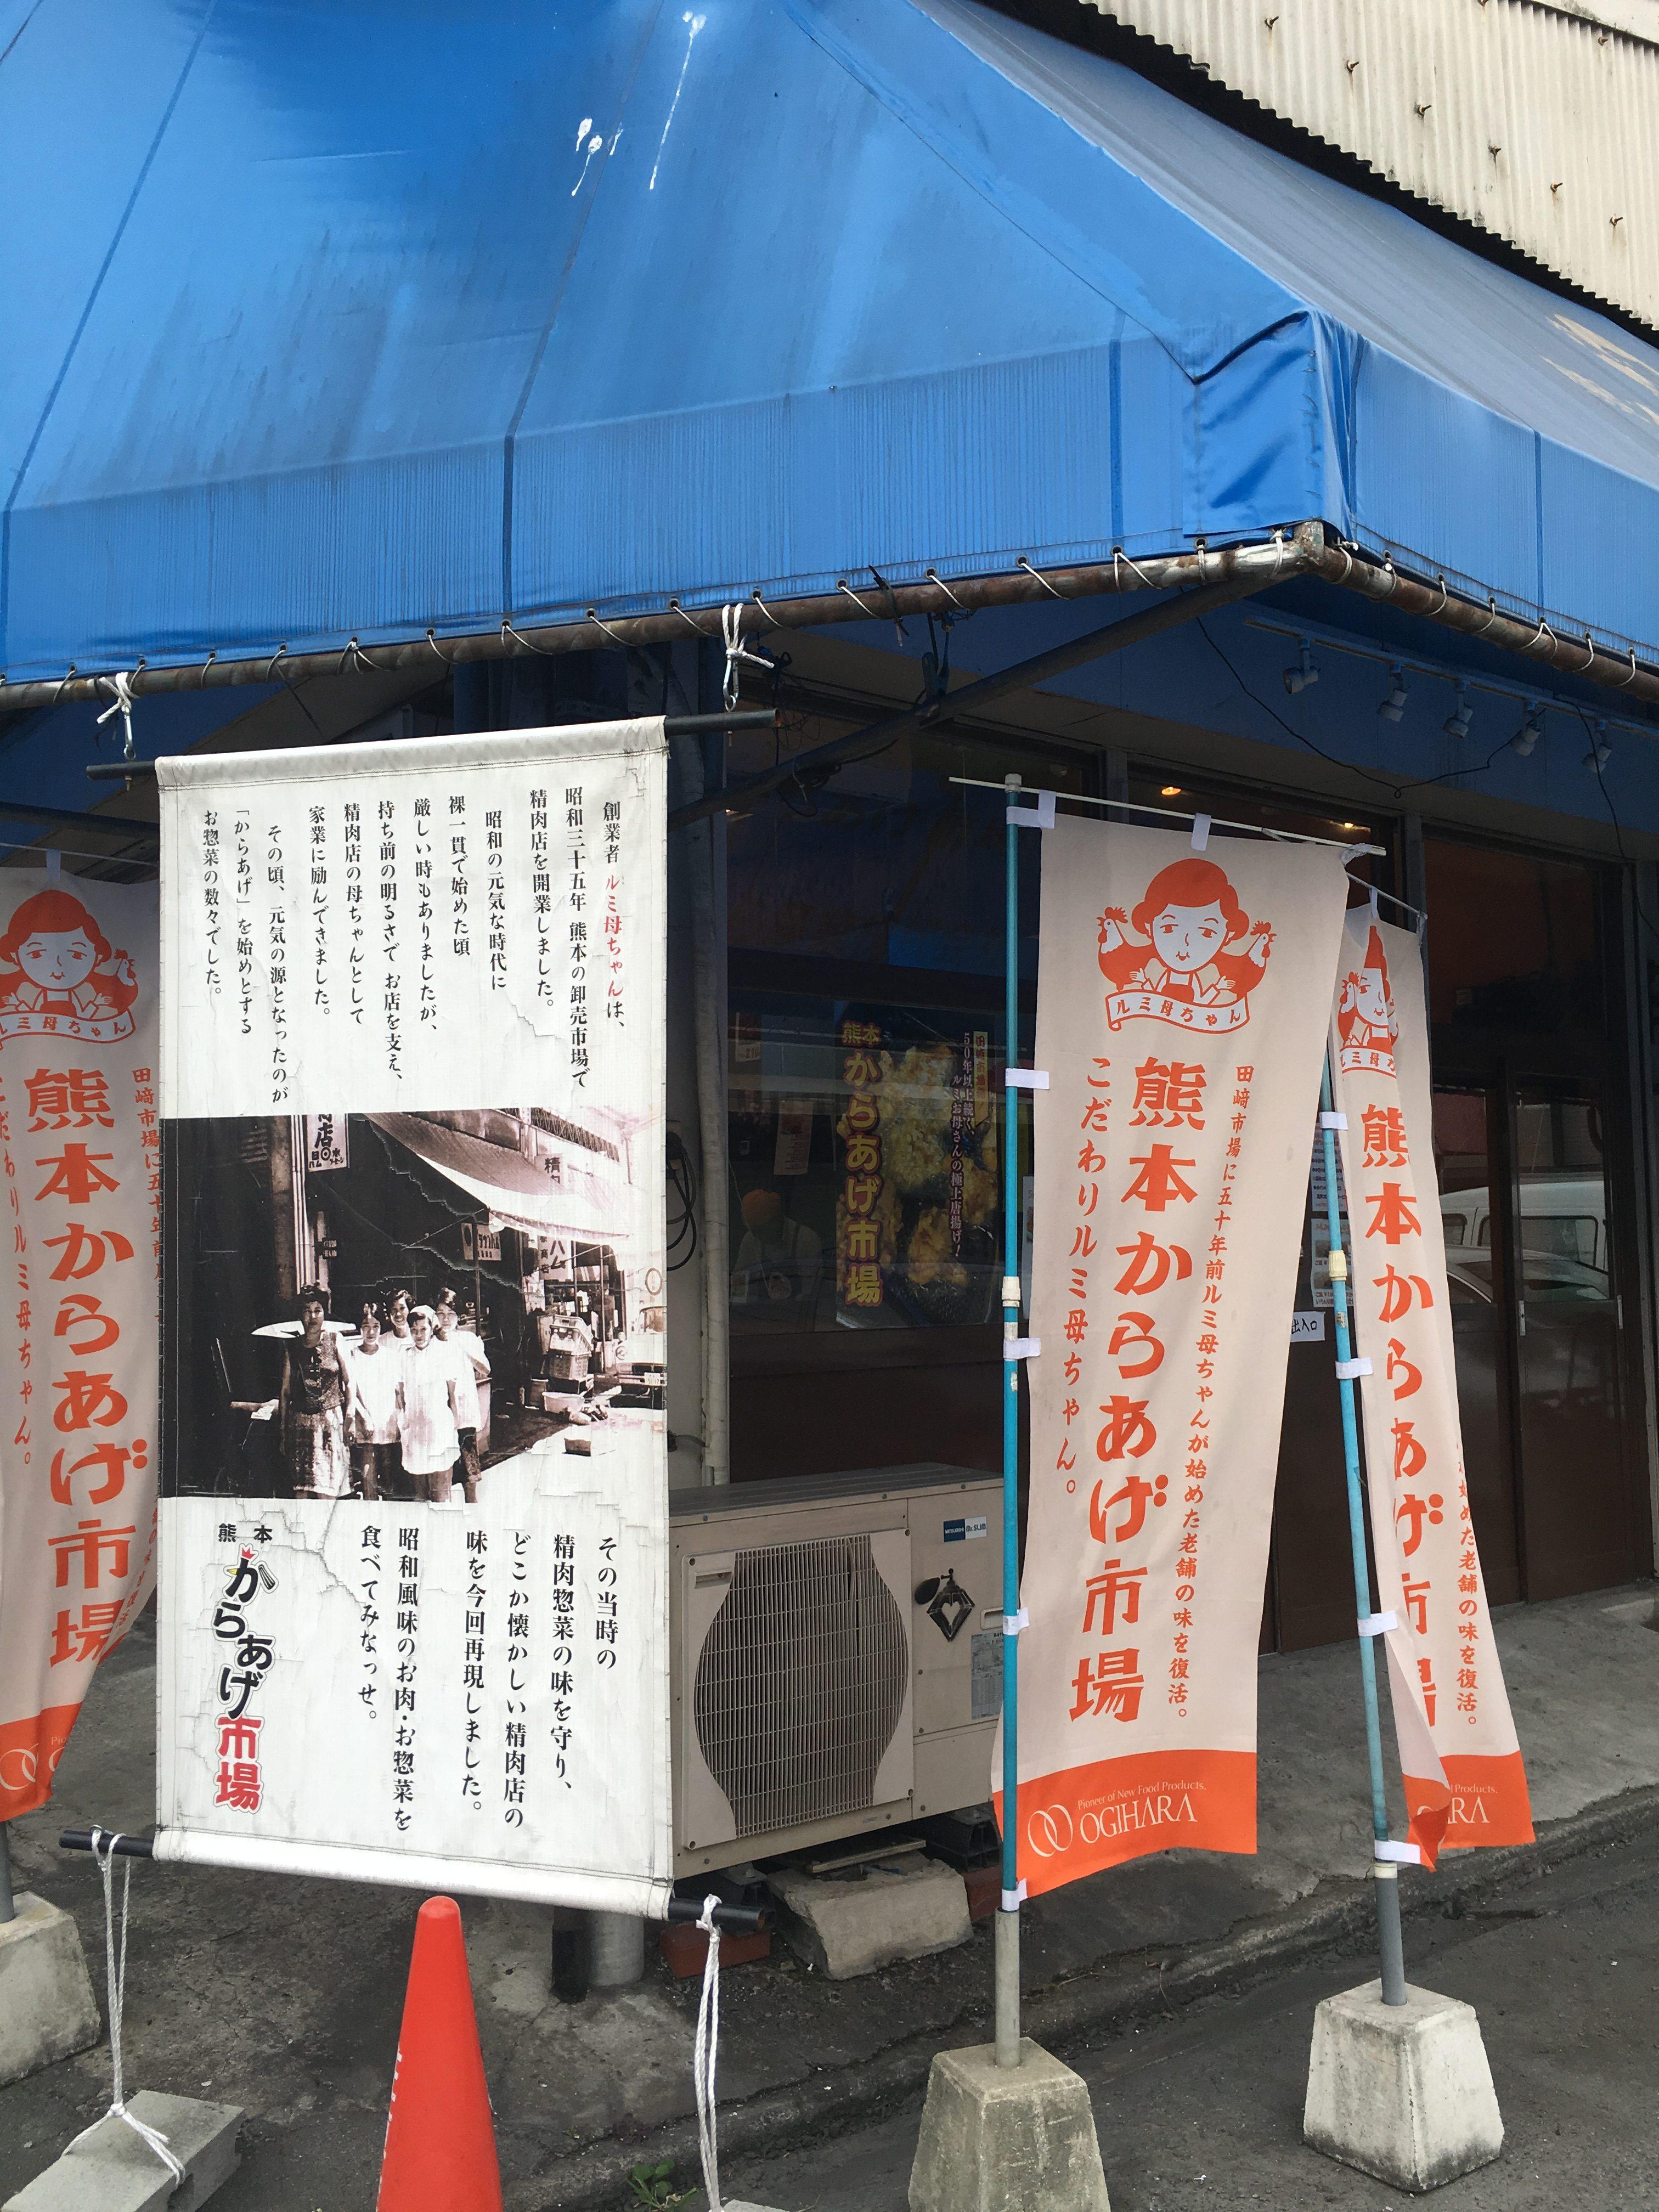 【熊本からあげ市場】田崎市場の「唐揚げ&馬肉コロッケ」が美味しい店